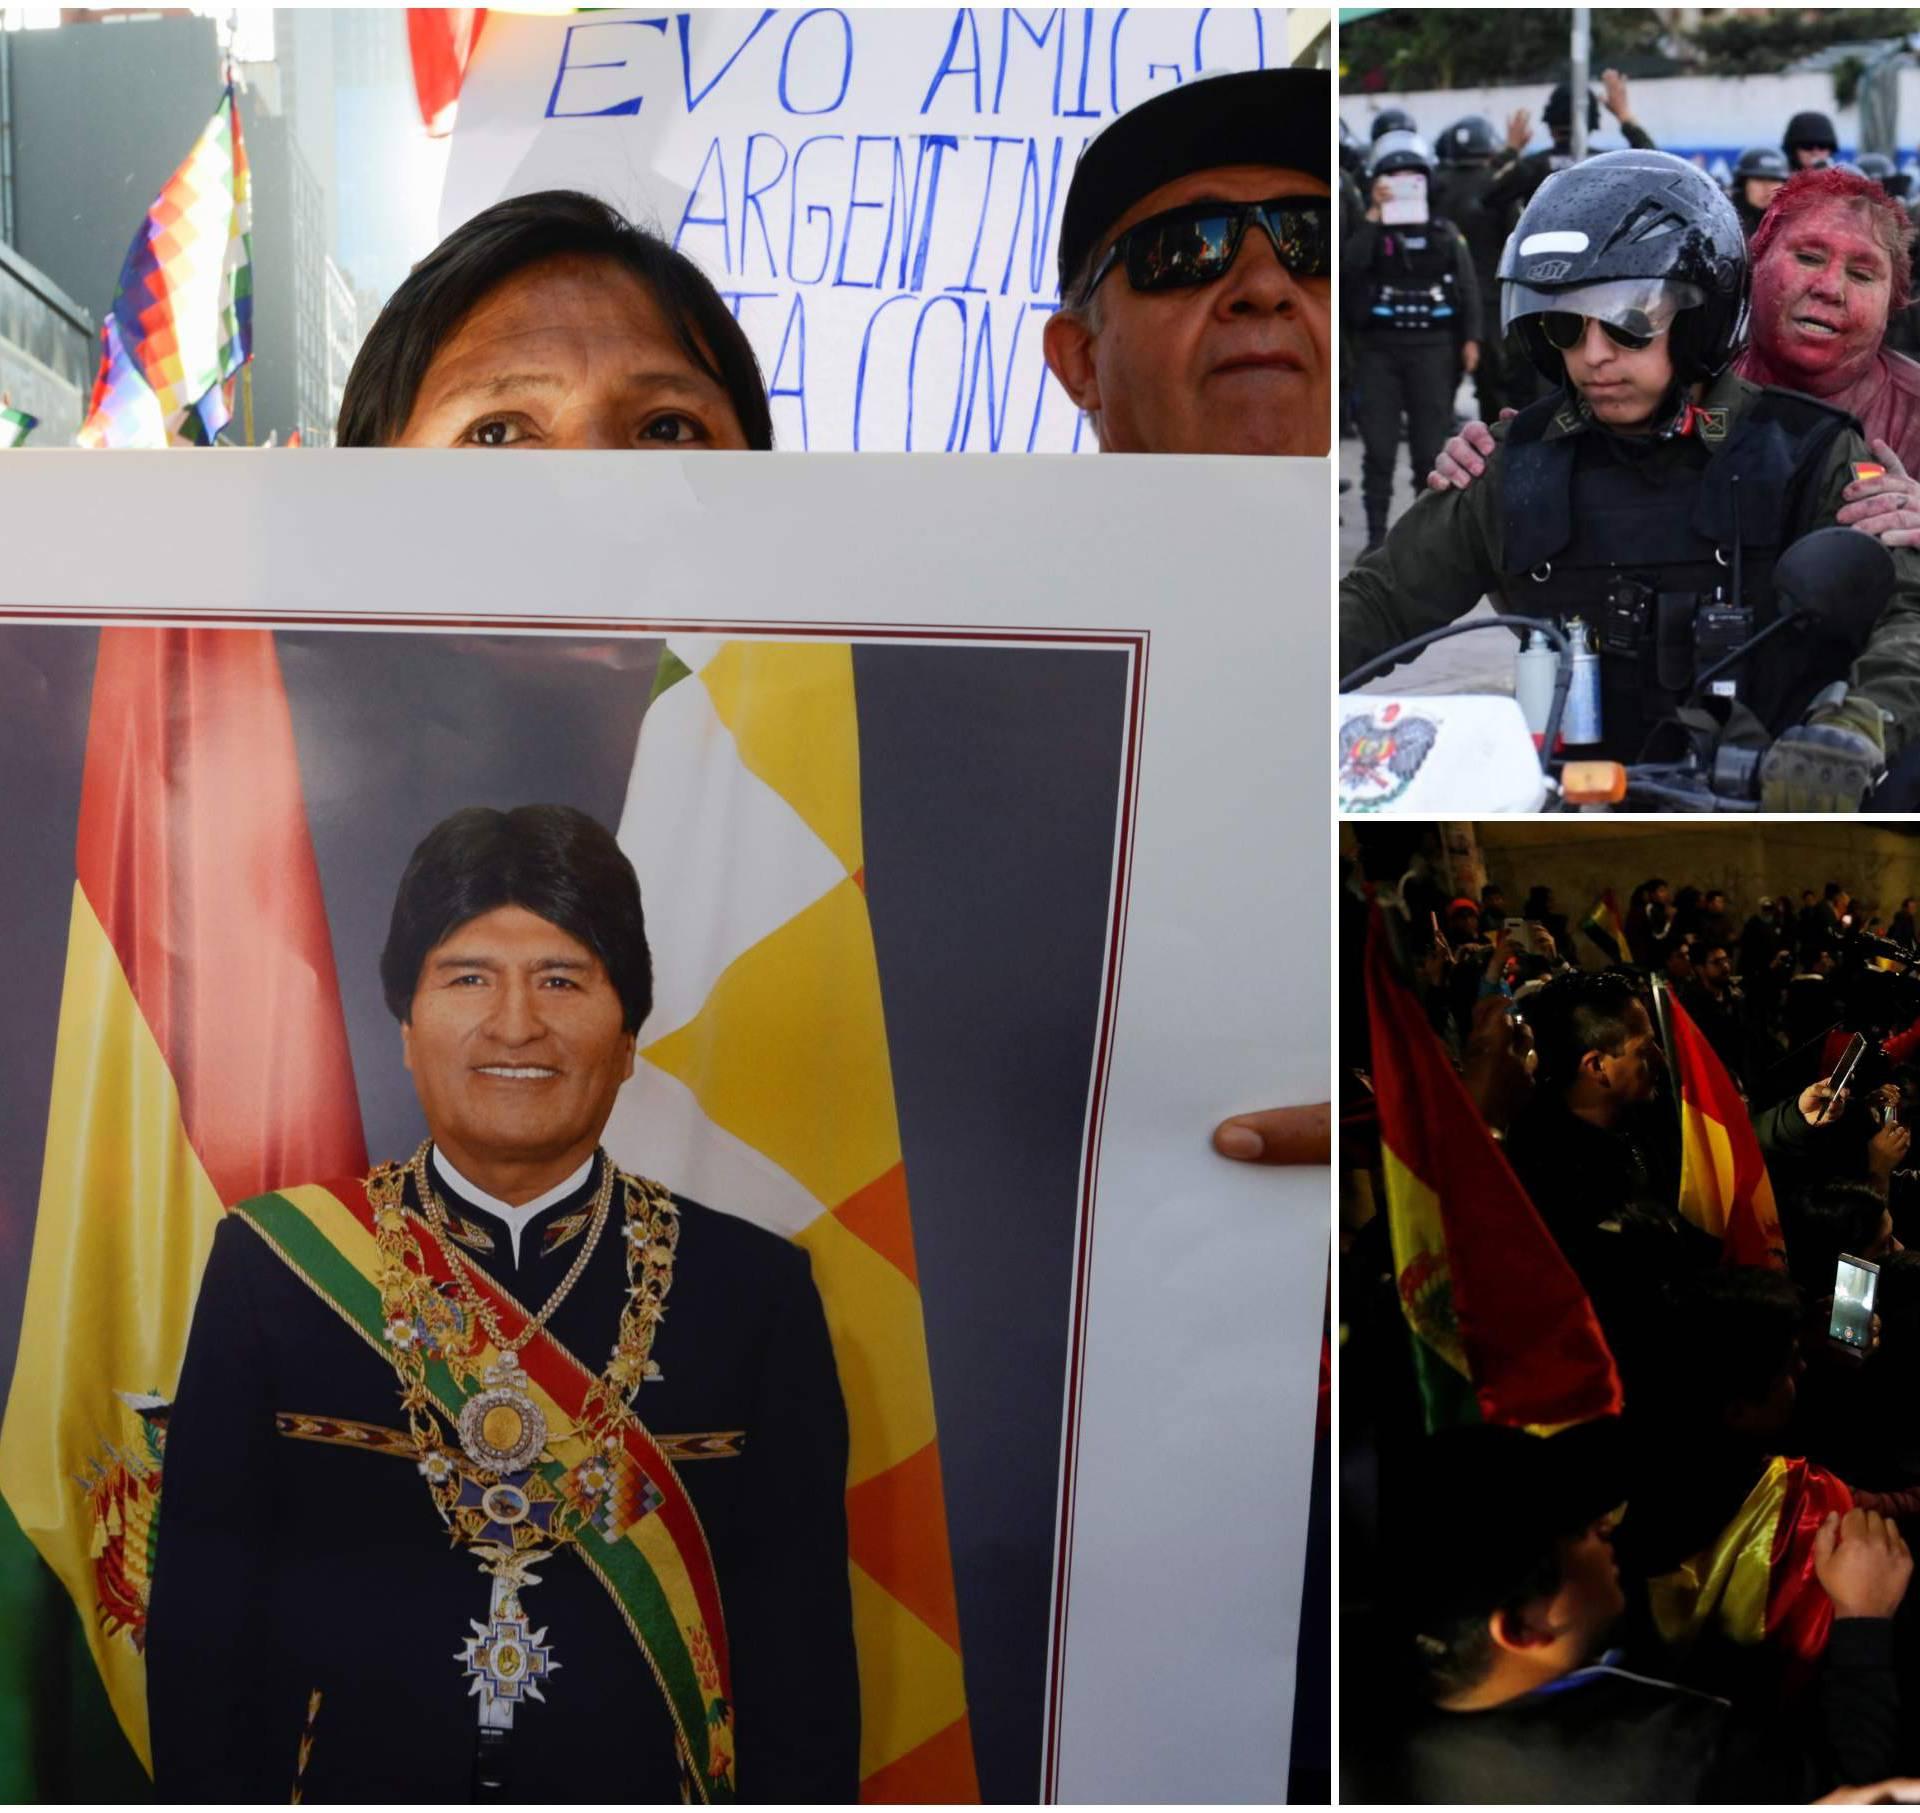 Kaos u Boliviji: 'Sestre i braćo, na nas se vrši državni udar!'